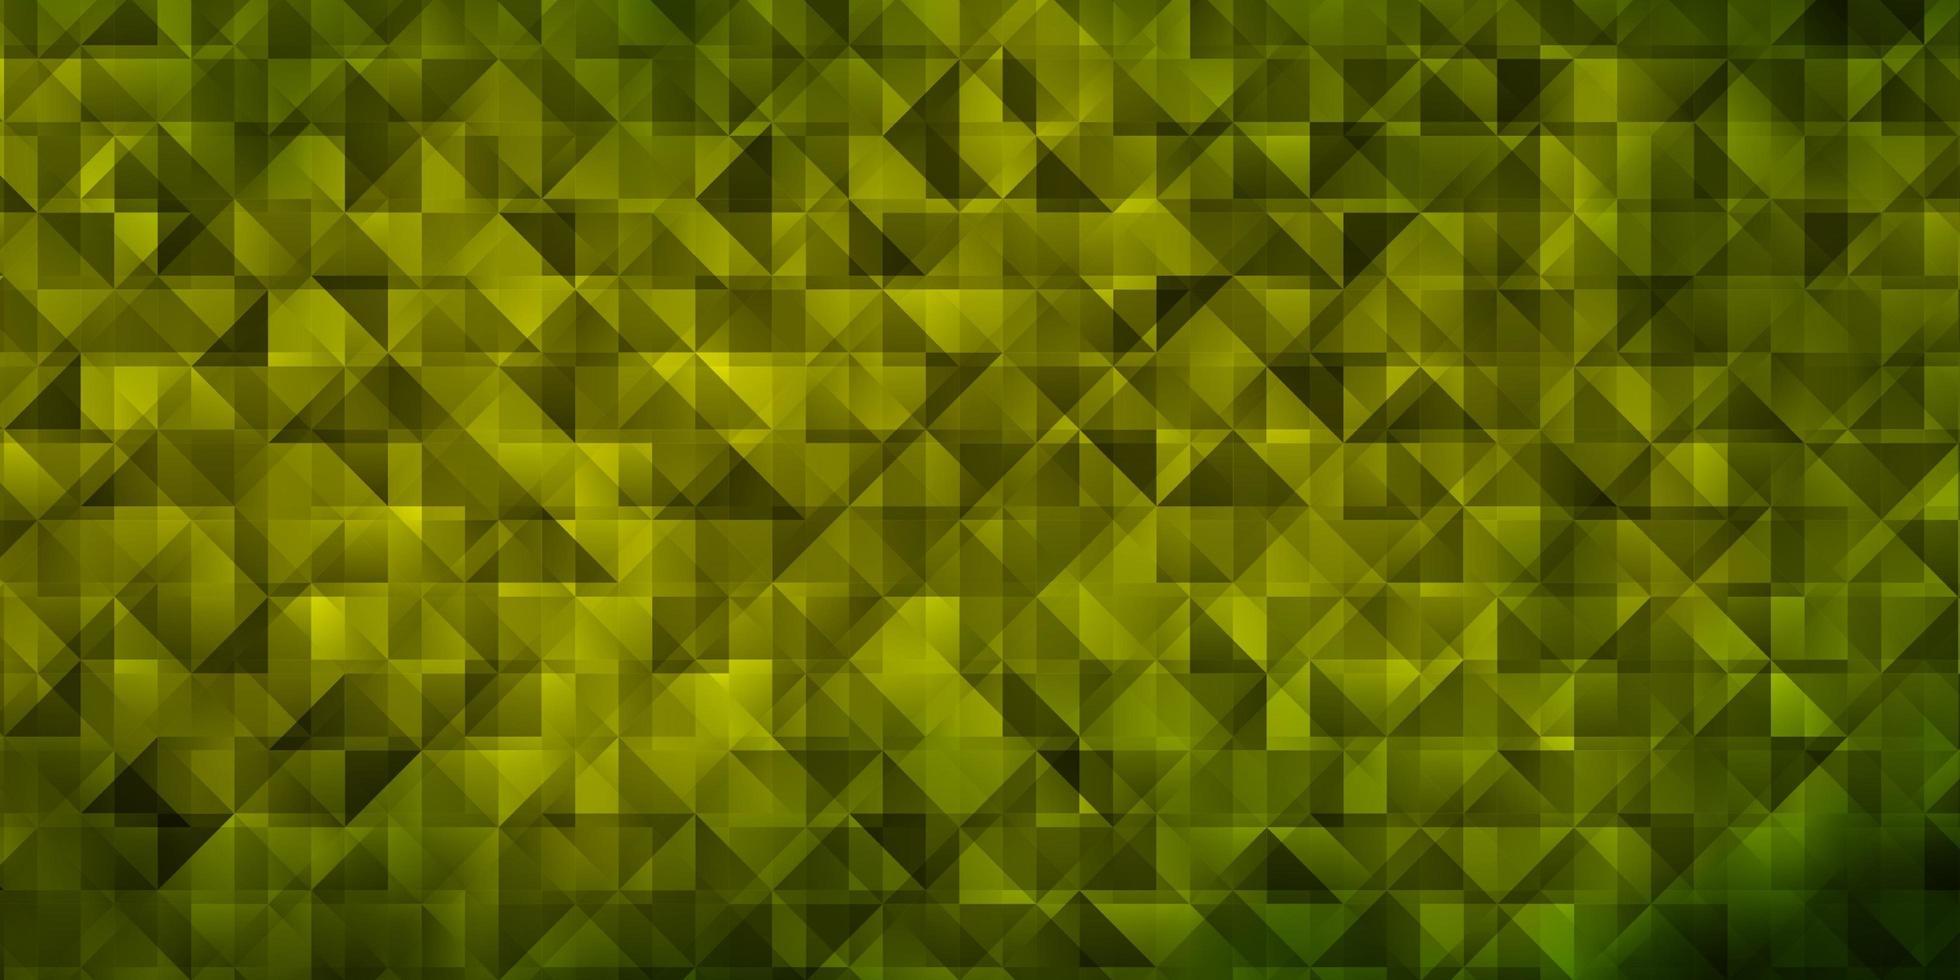 de fundo vector verde e amarelo claro com triângulos.